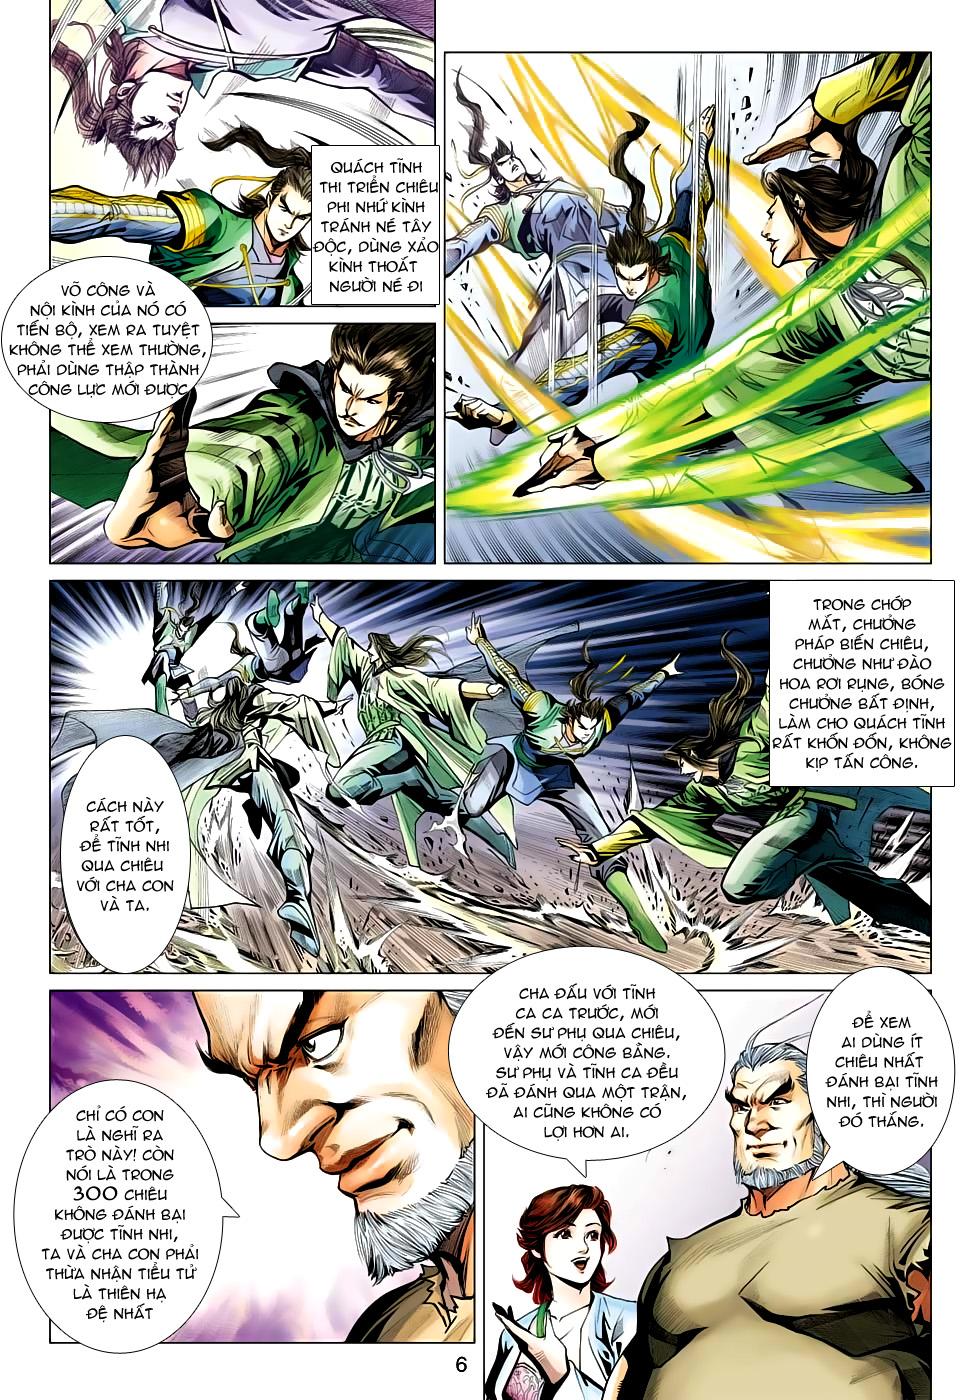 Xạ Điêu Anh Hùng Truyện chap 100 – End Trang 6 - Mangak.info